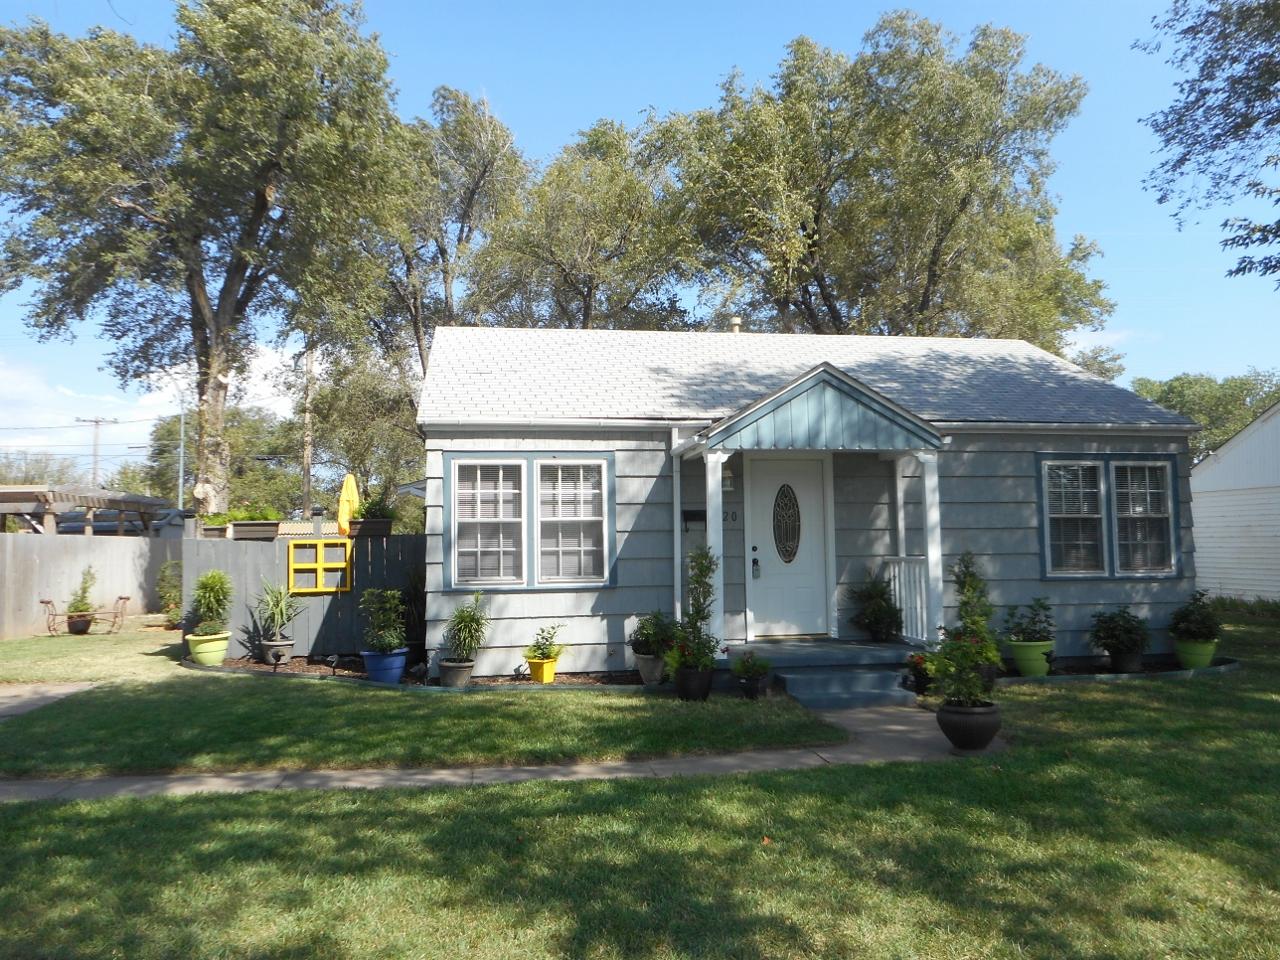 620 16th Terr, Hutchinson, Kansas 67501